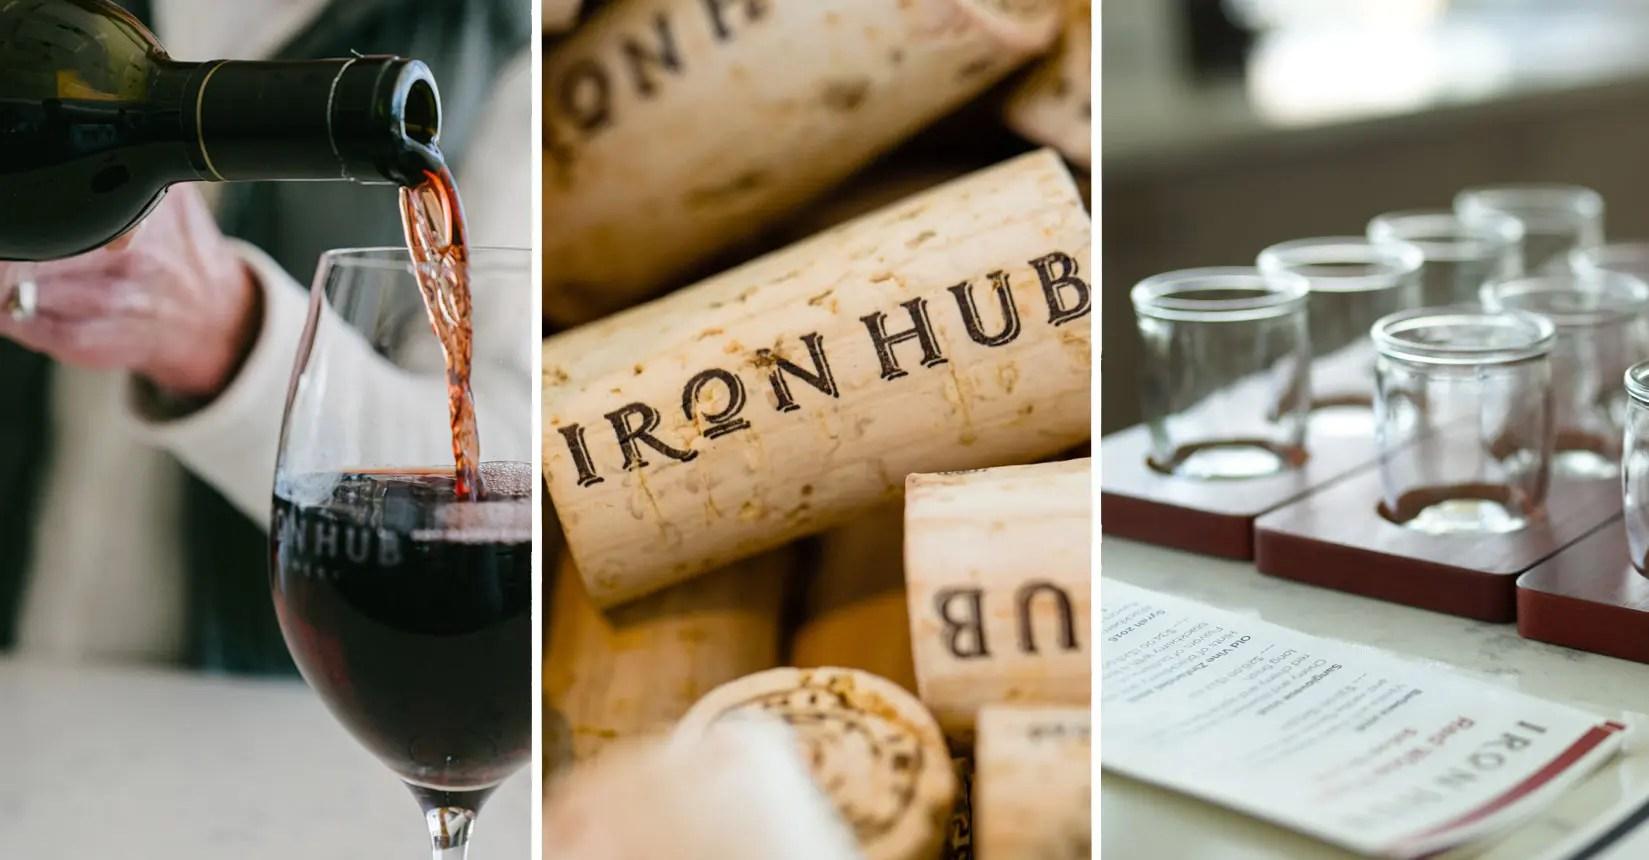 Iron Hub Visit